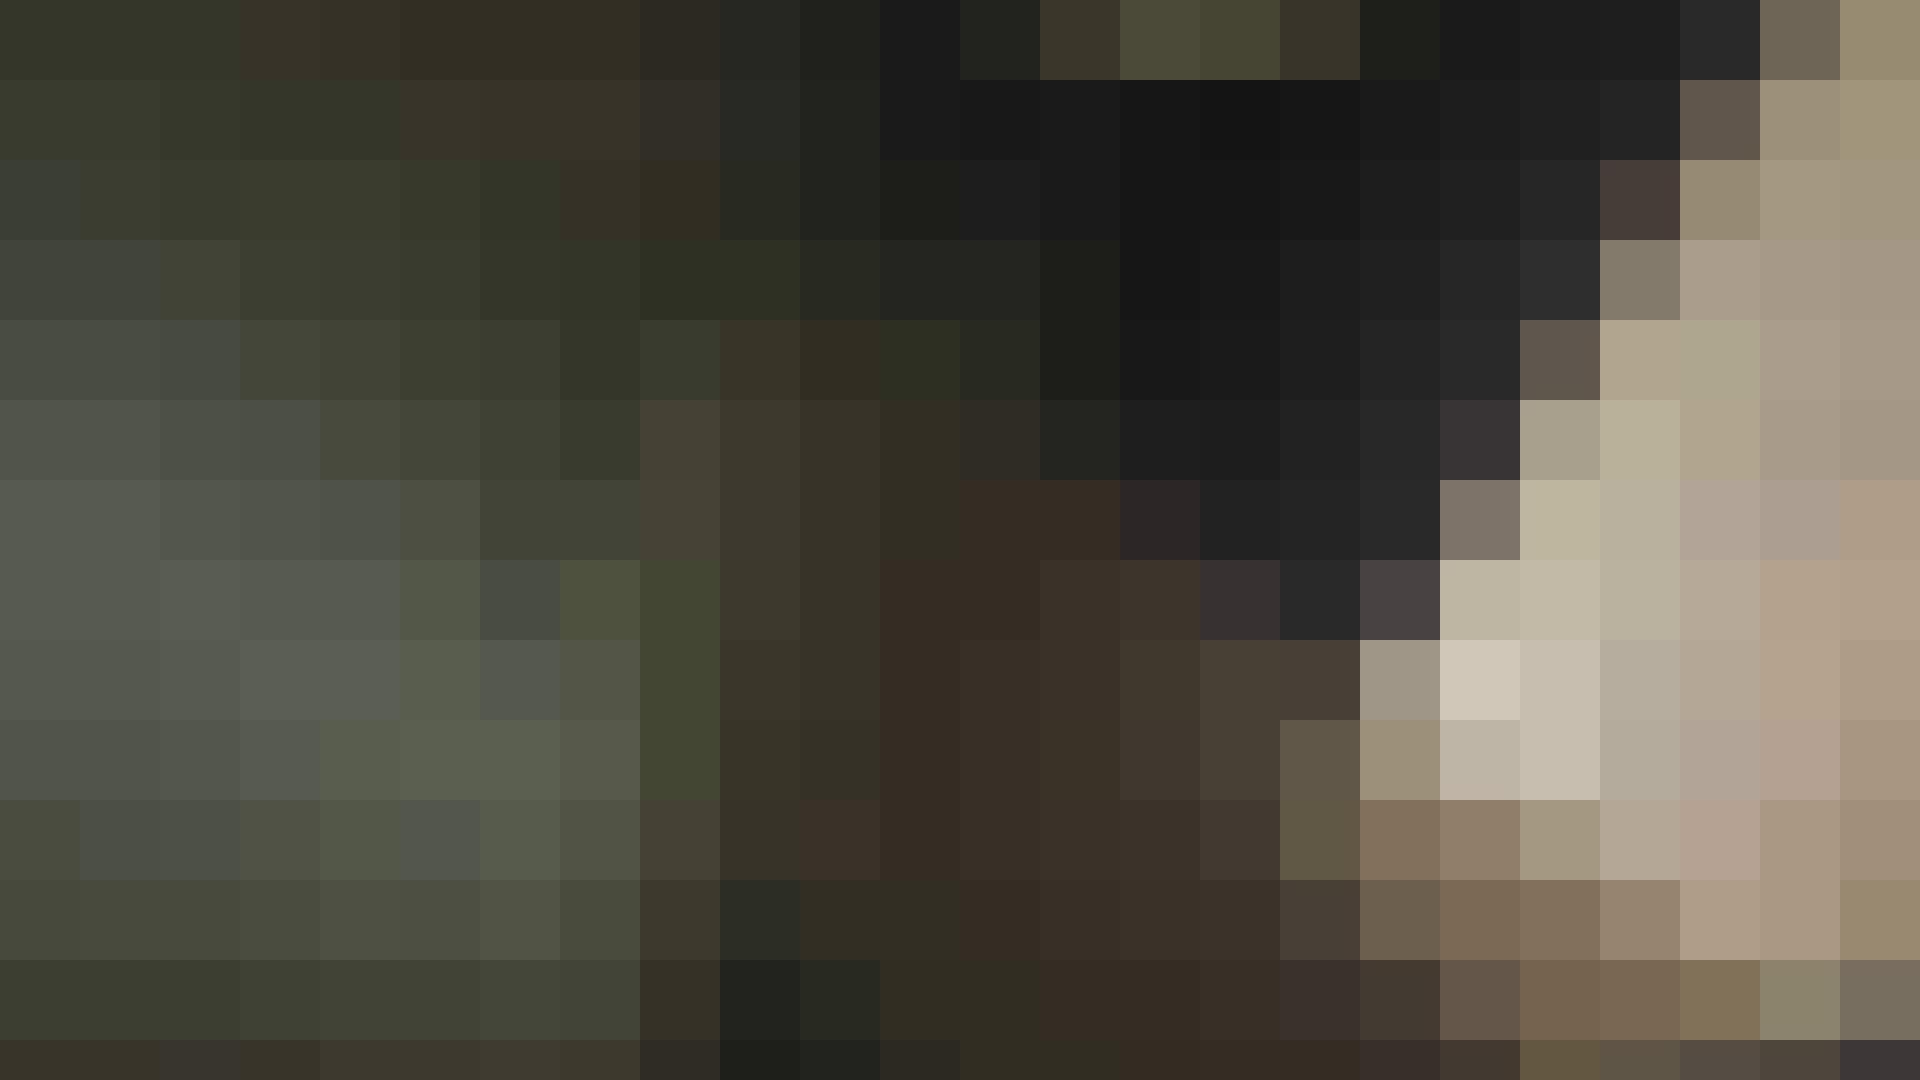 阿国ちゃんの「和式洋式七変化」No.18 iBO(フタコブ) 洗面所  112pic 17